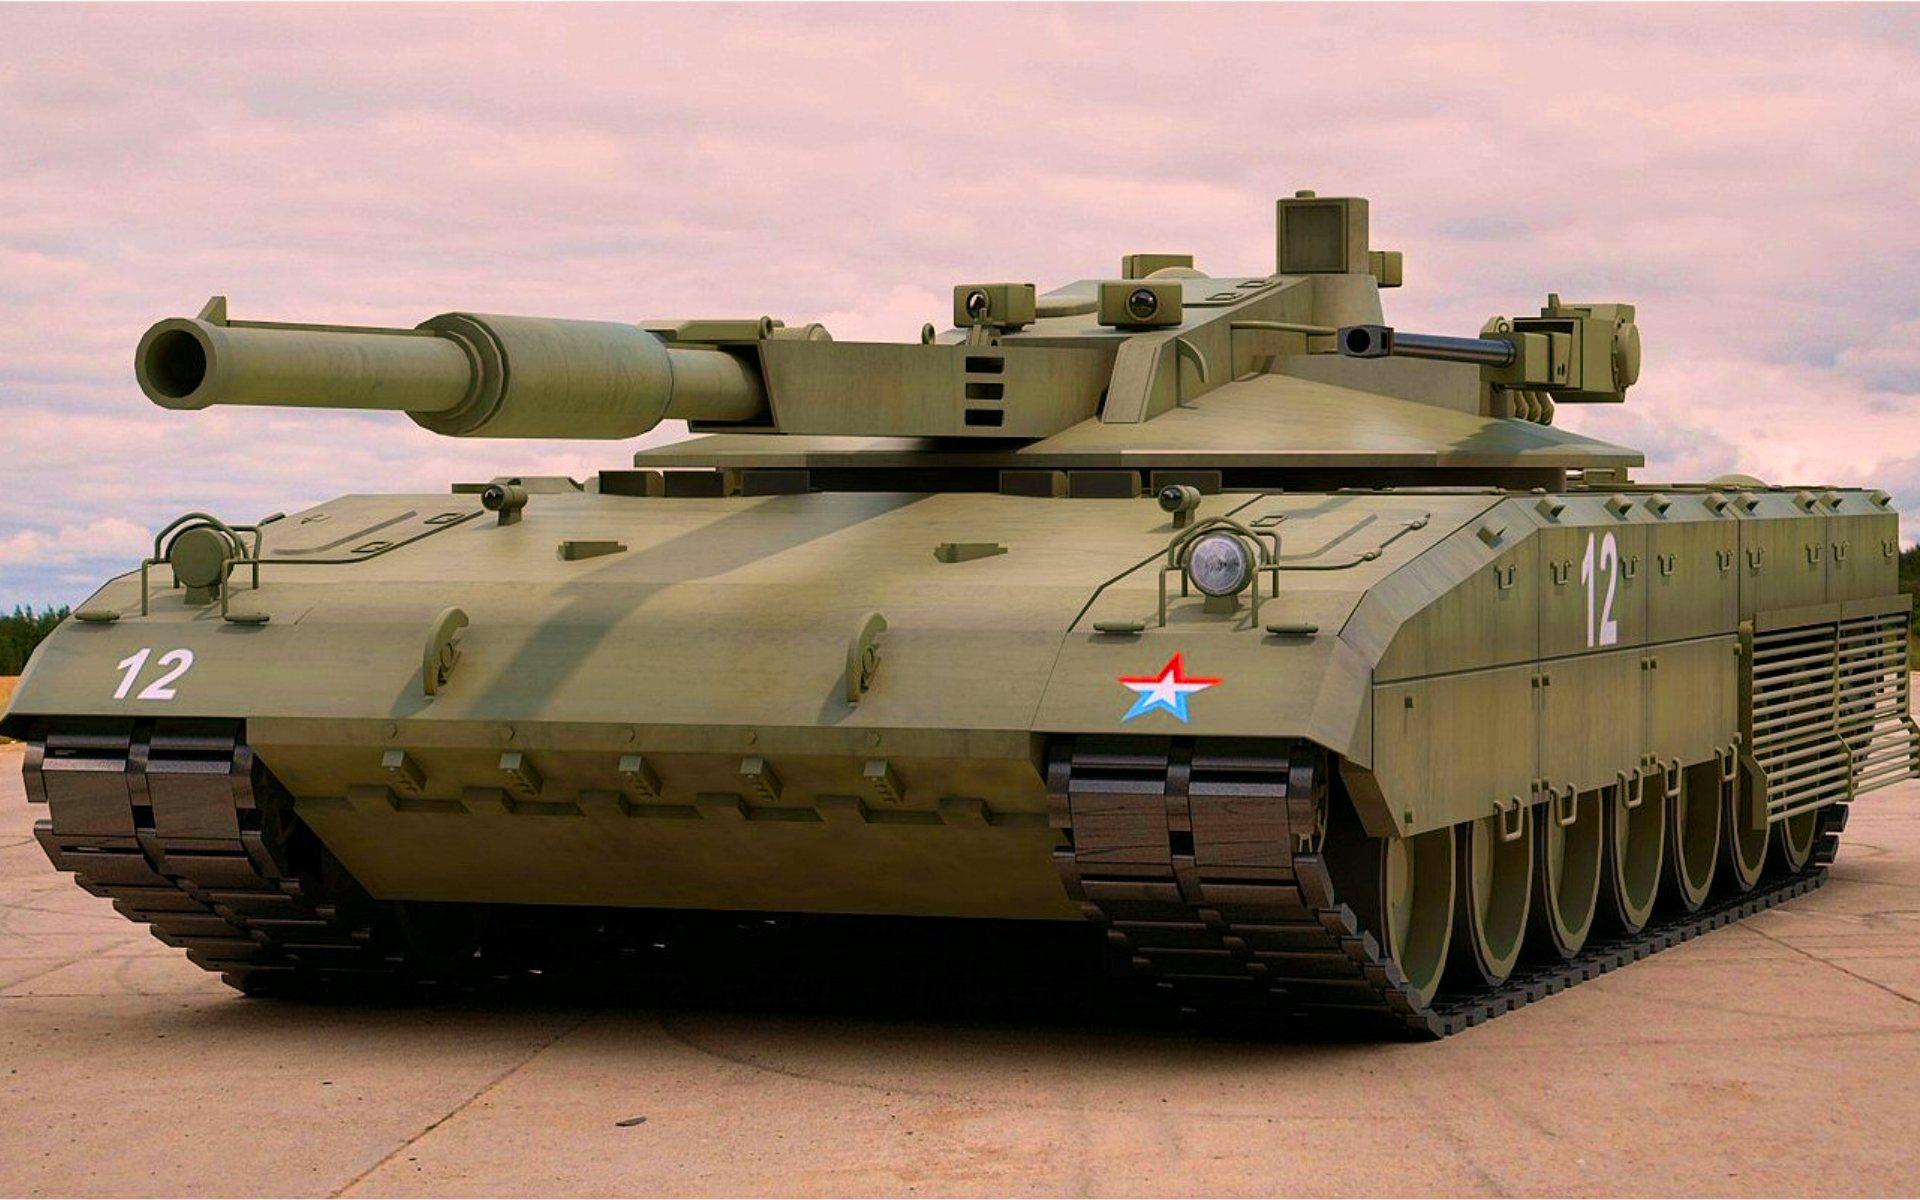 фото танка самого крутого в россии вышгорода подробная